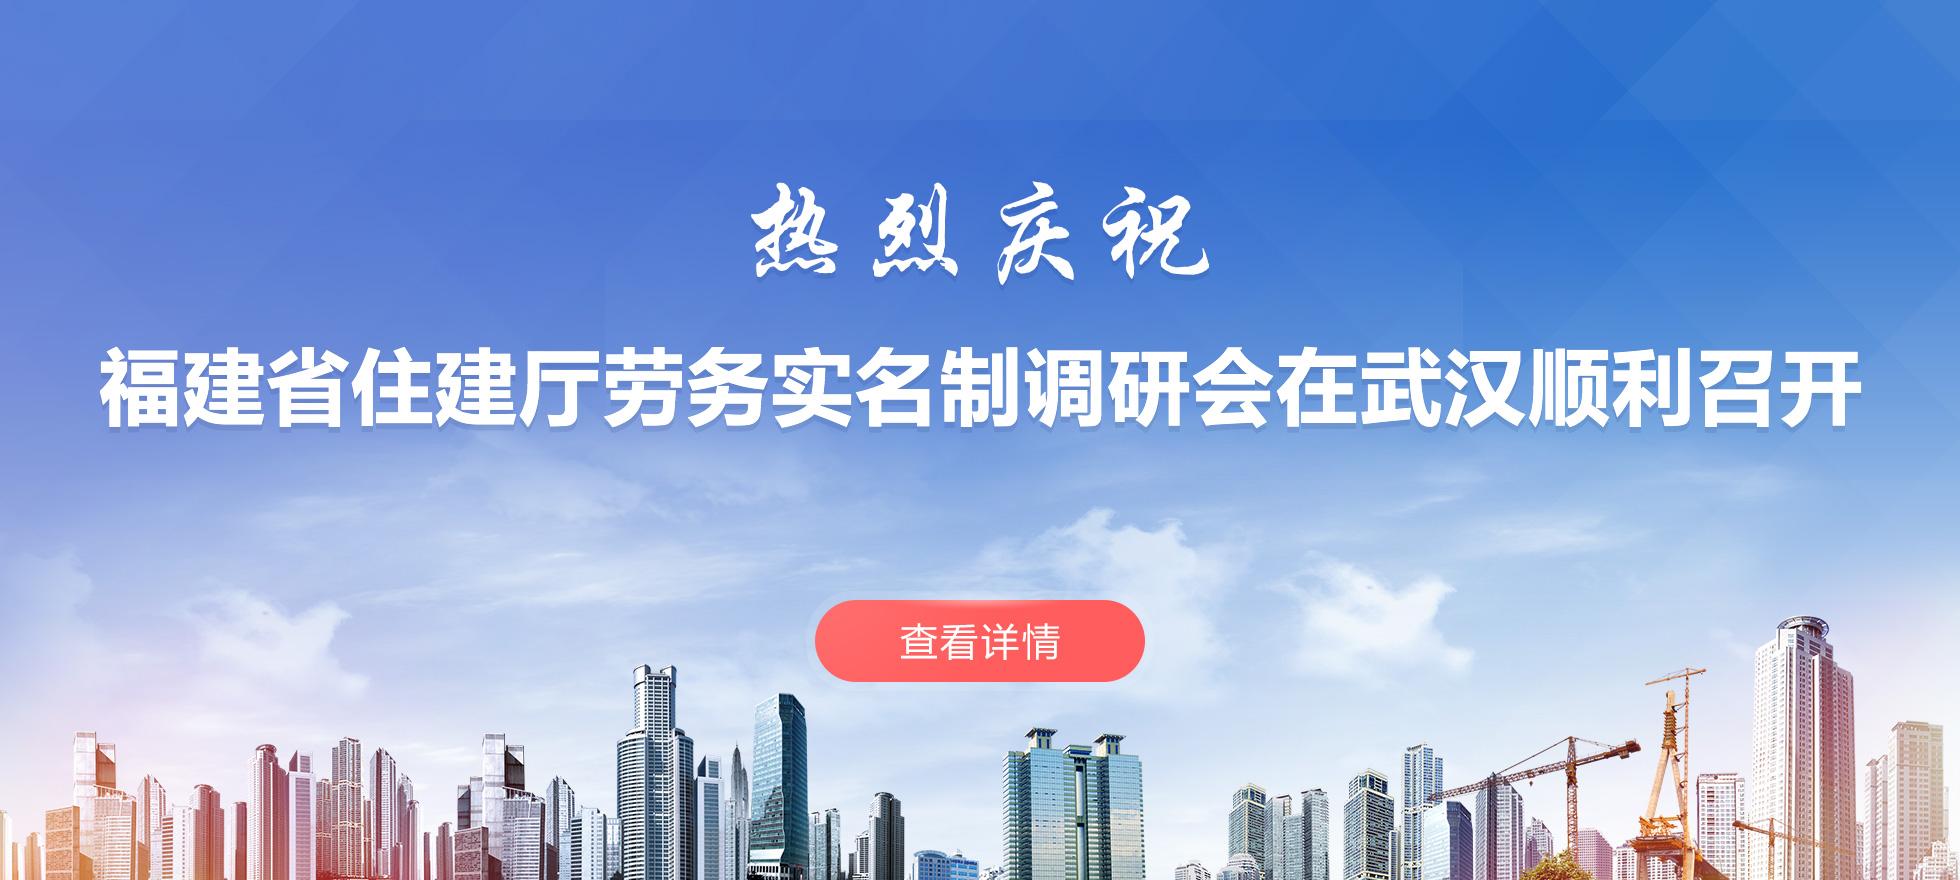 热烈庆祝福建省住建厅劳务实名制调研会在武汉顺利召开